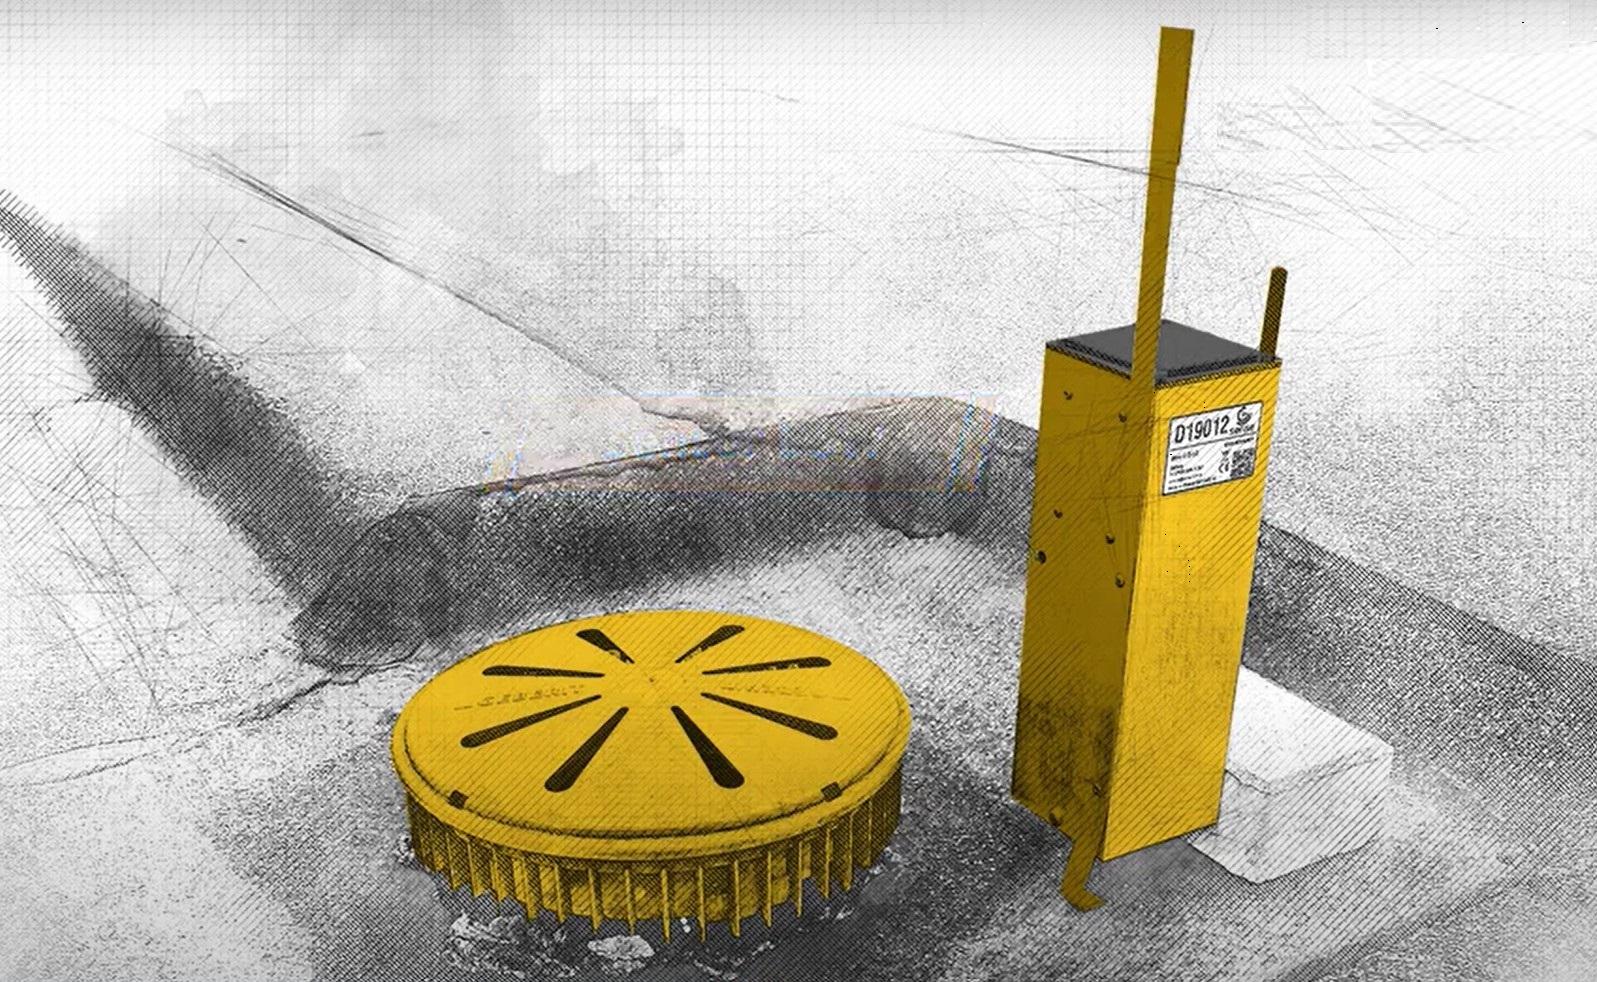 Detekcja spiętrzenia wody - DSW